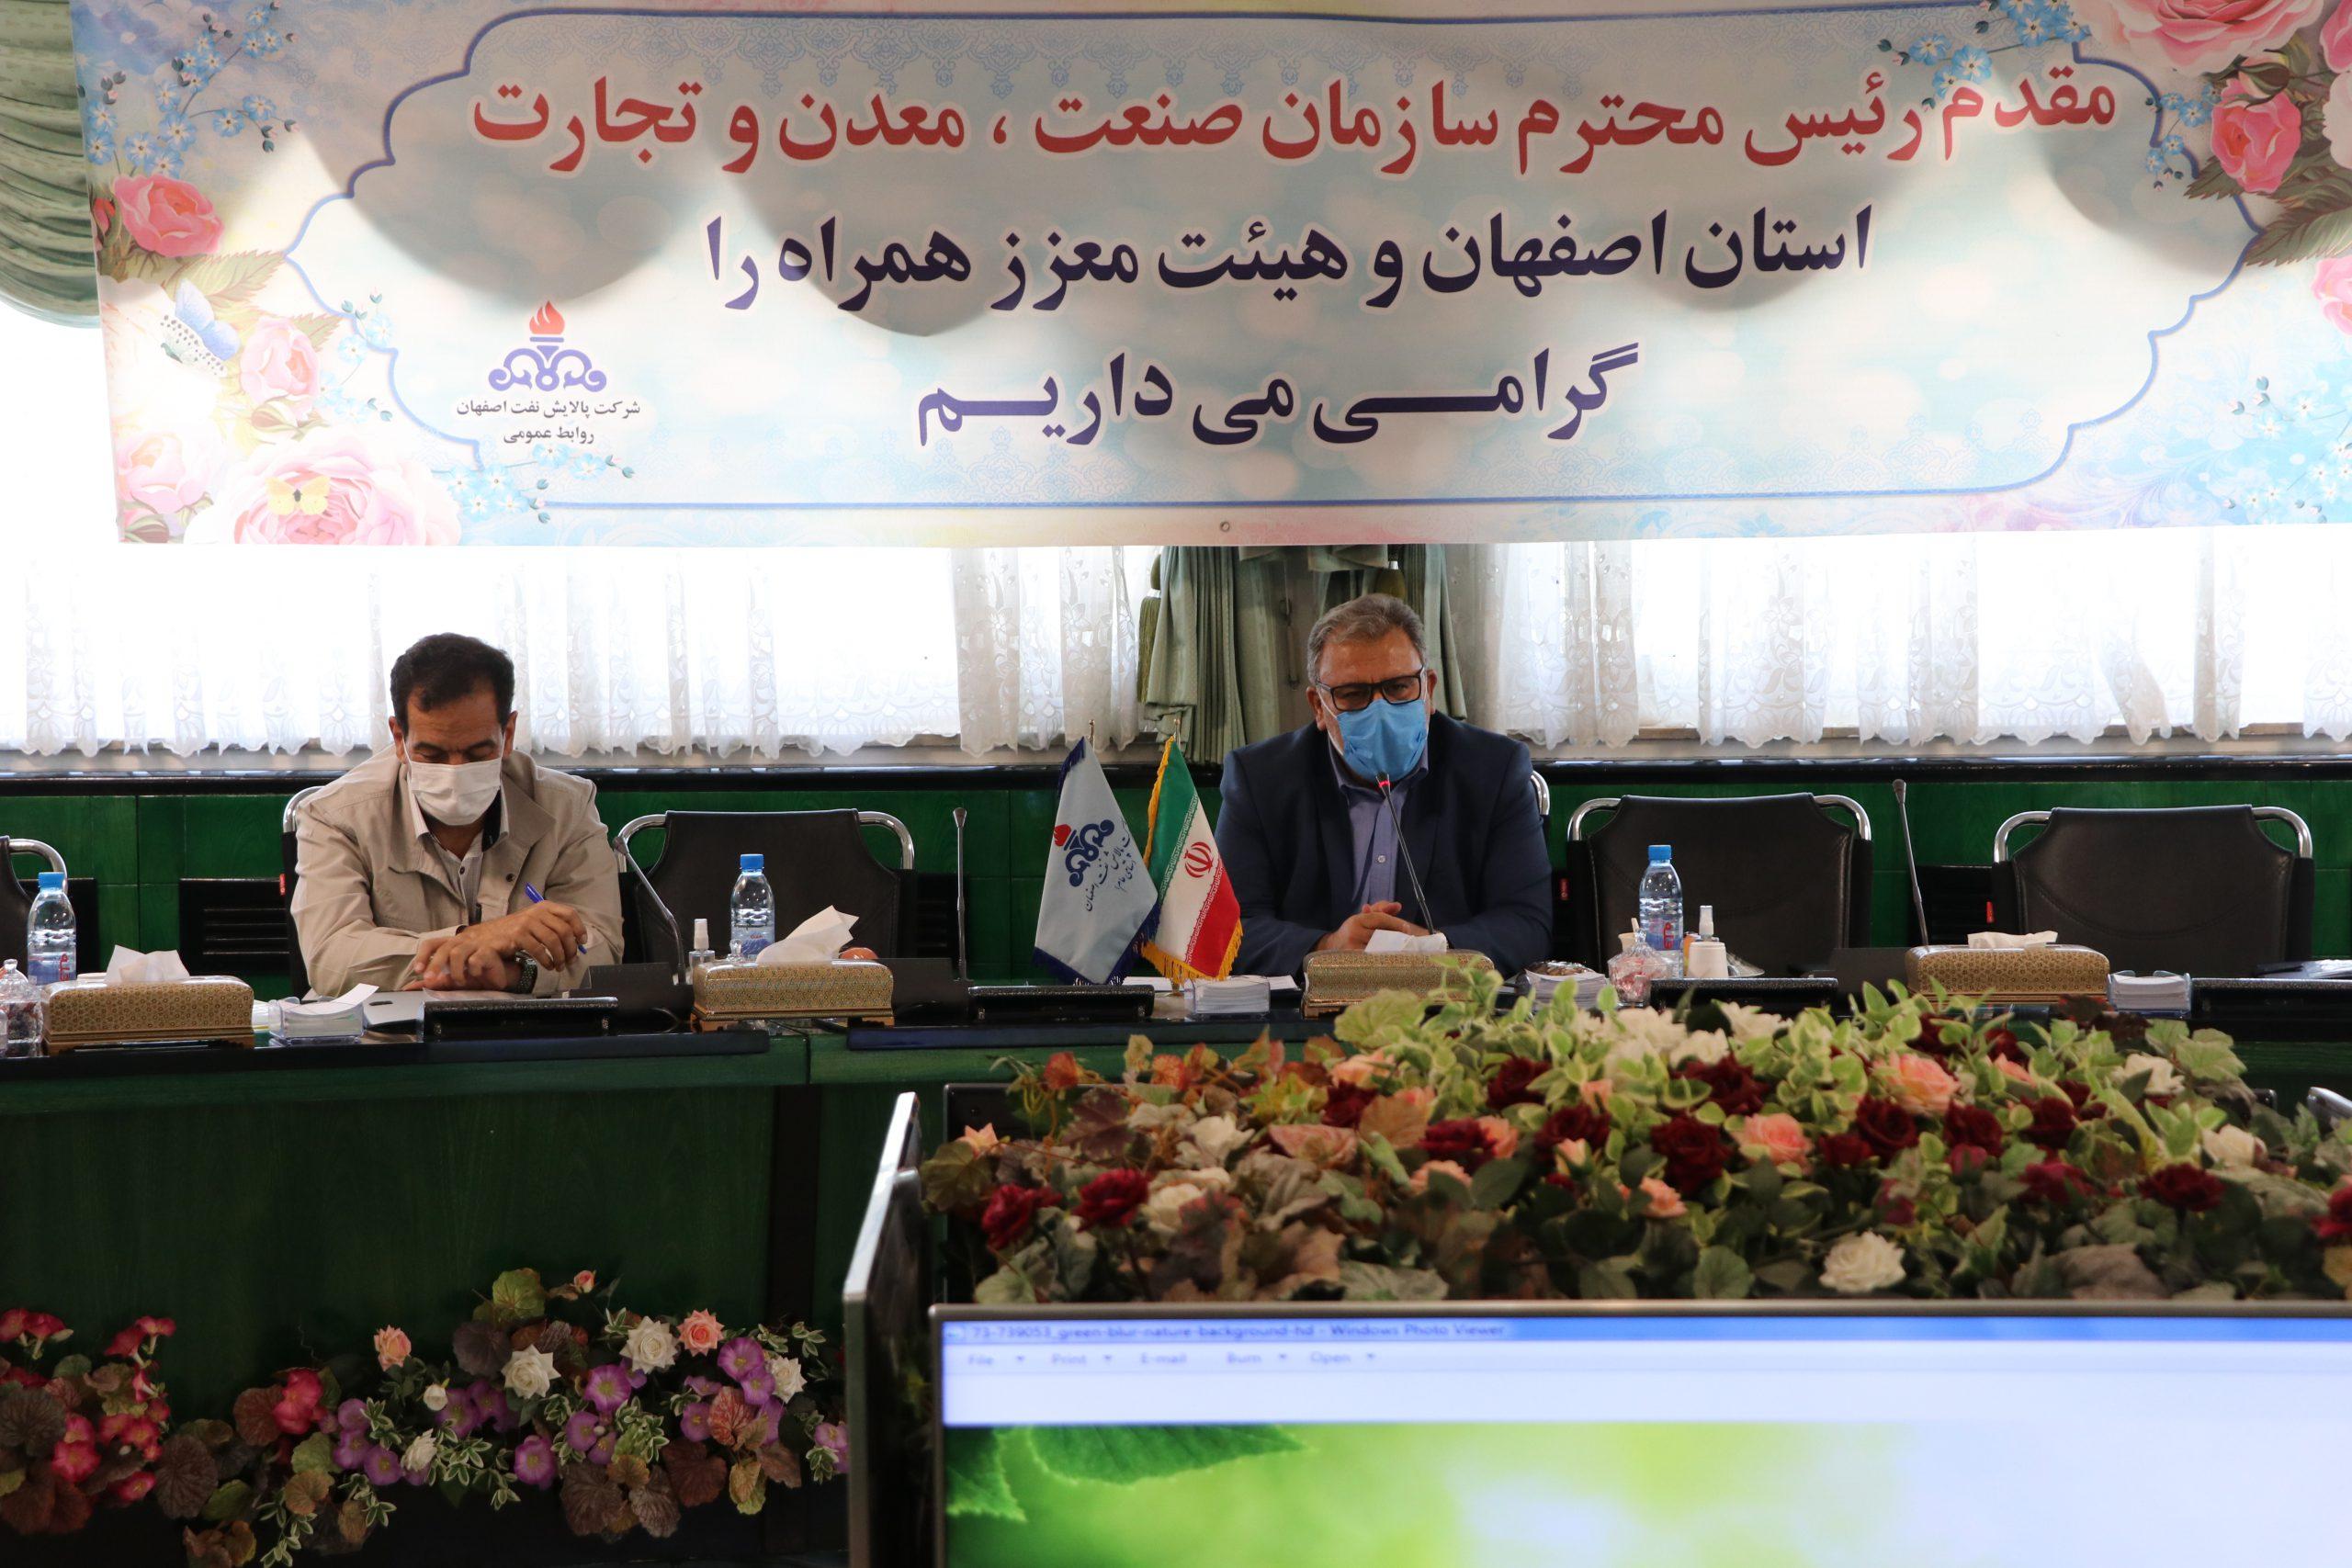 بازدید رئیس سازمان صنعت،معدن و تجارت استان اصفهان از پالایشگاه نفت اصفهان